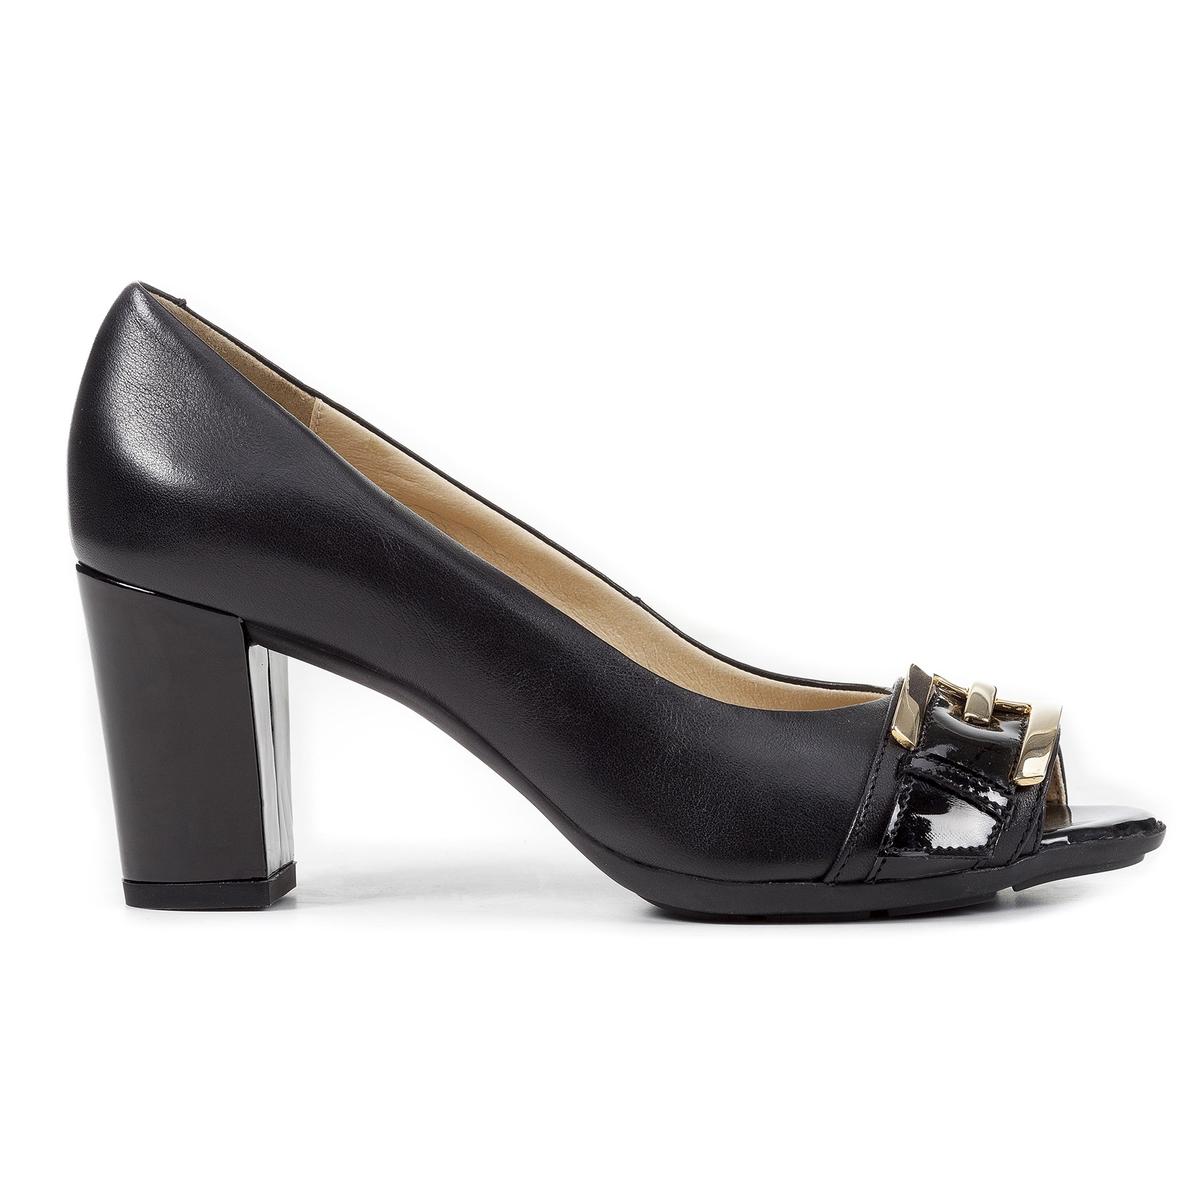 Туфли кожаные D ANNYA SP. ХОписание:Детали •  Широкий каблук •  Высота каблука : 7,5 см •  Застежка : без застежки •  Открытый мысок •  ЛакированныеСостав и уход •  Верх/Голенище : 90% кожи, 10% синетики. •  Подкладка : 100% синтетический материал •  Стелька : 100% синтетический материал •  Подошва : 100% полиуретан<br><br>Цвет: черный